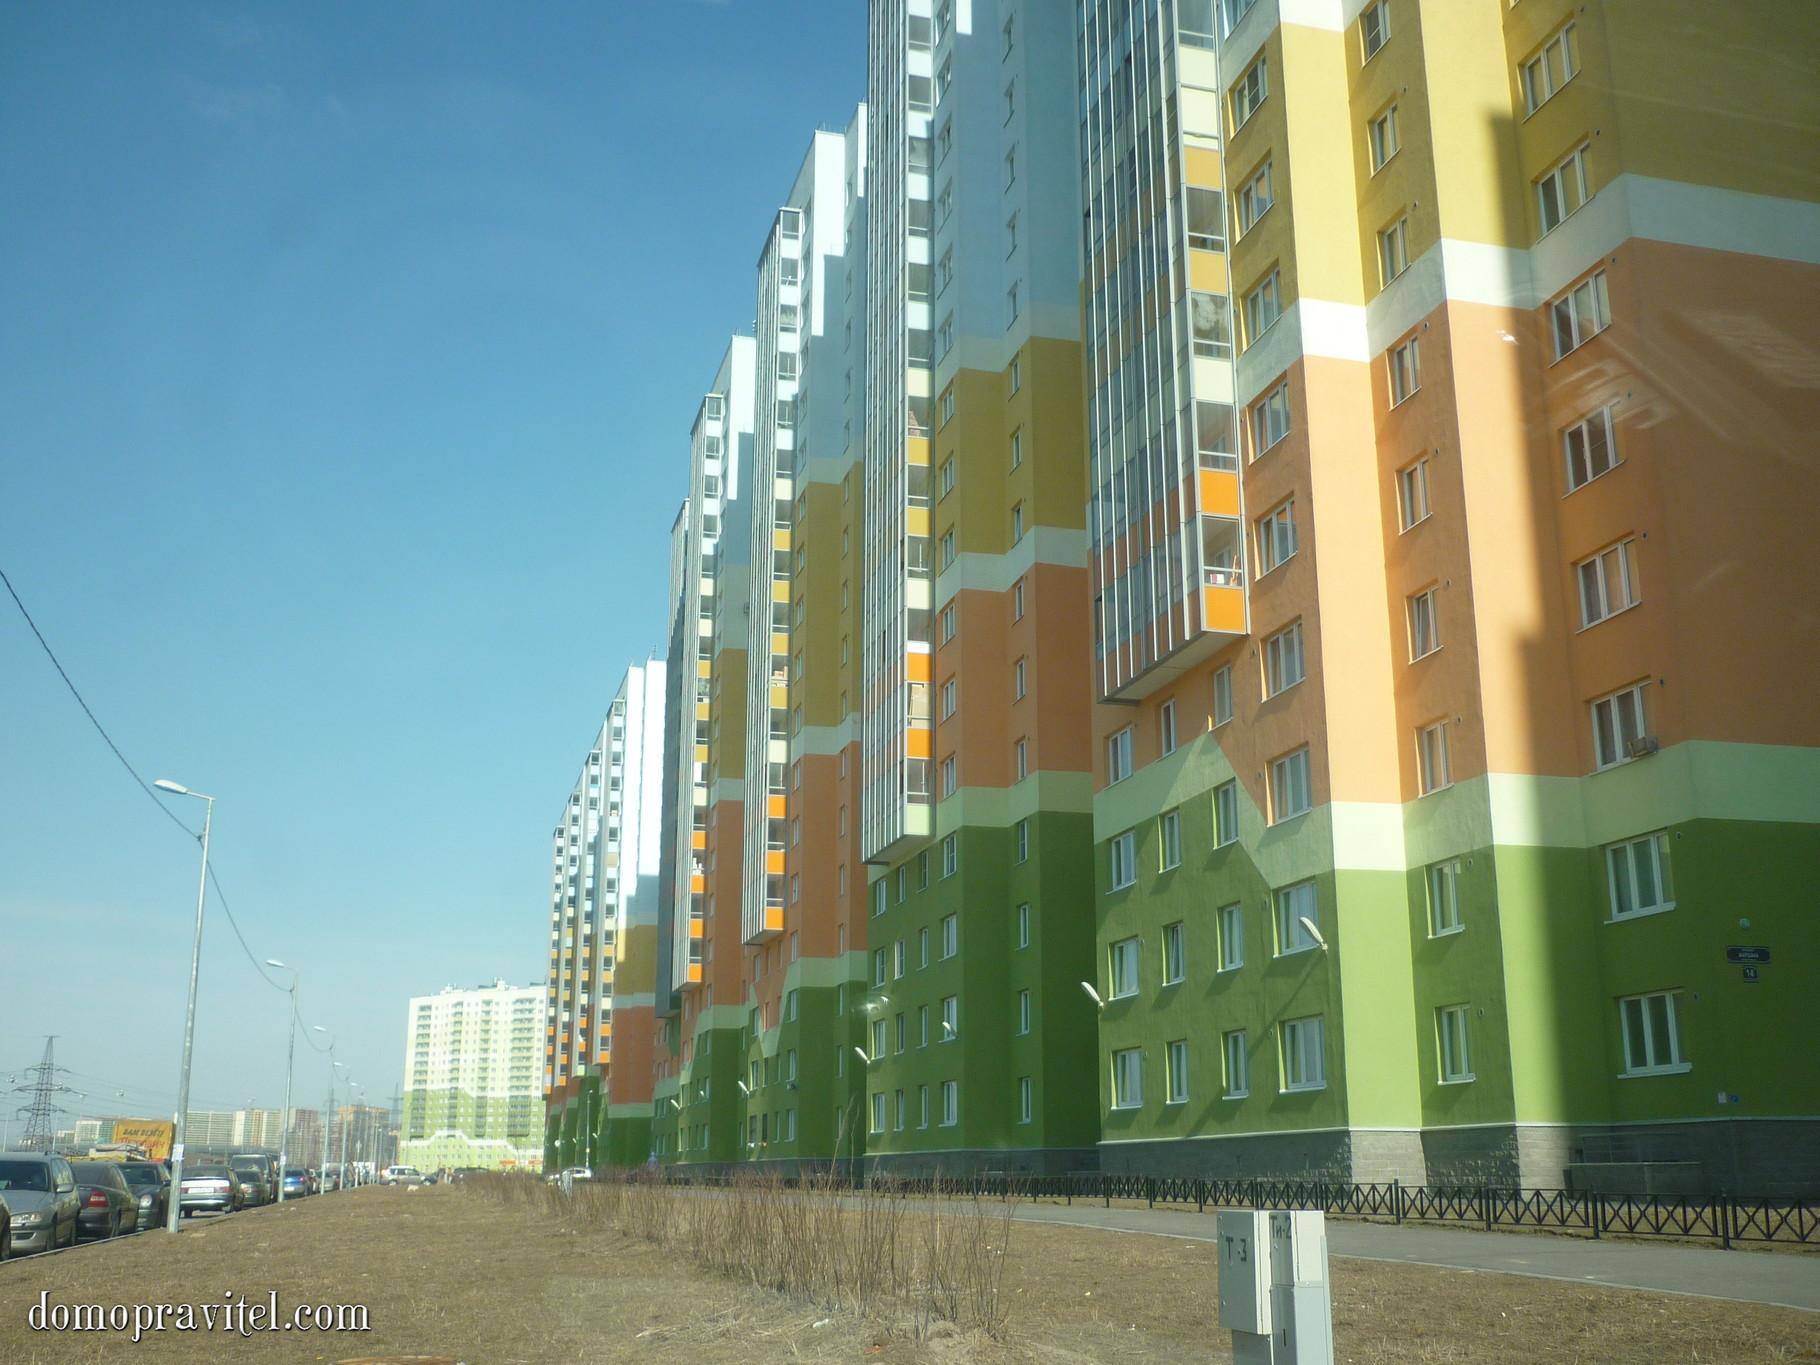 Аренда коммерческой недвижимости в спб новая охта офисные помещения под ключ Локомотив